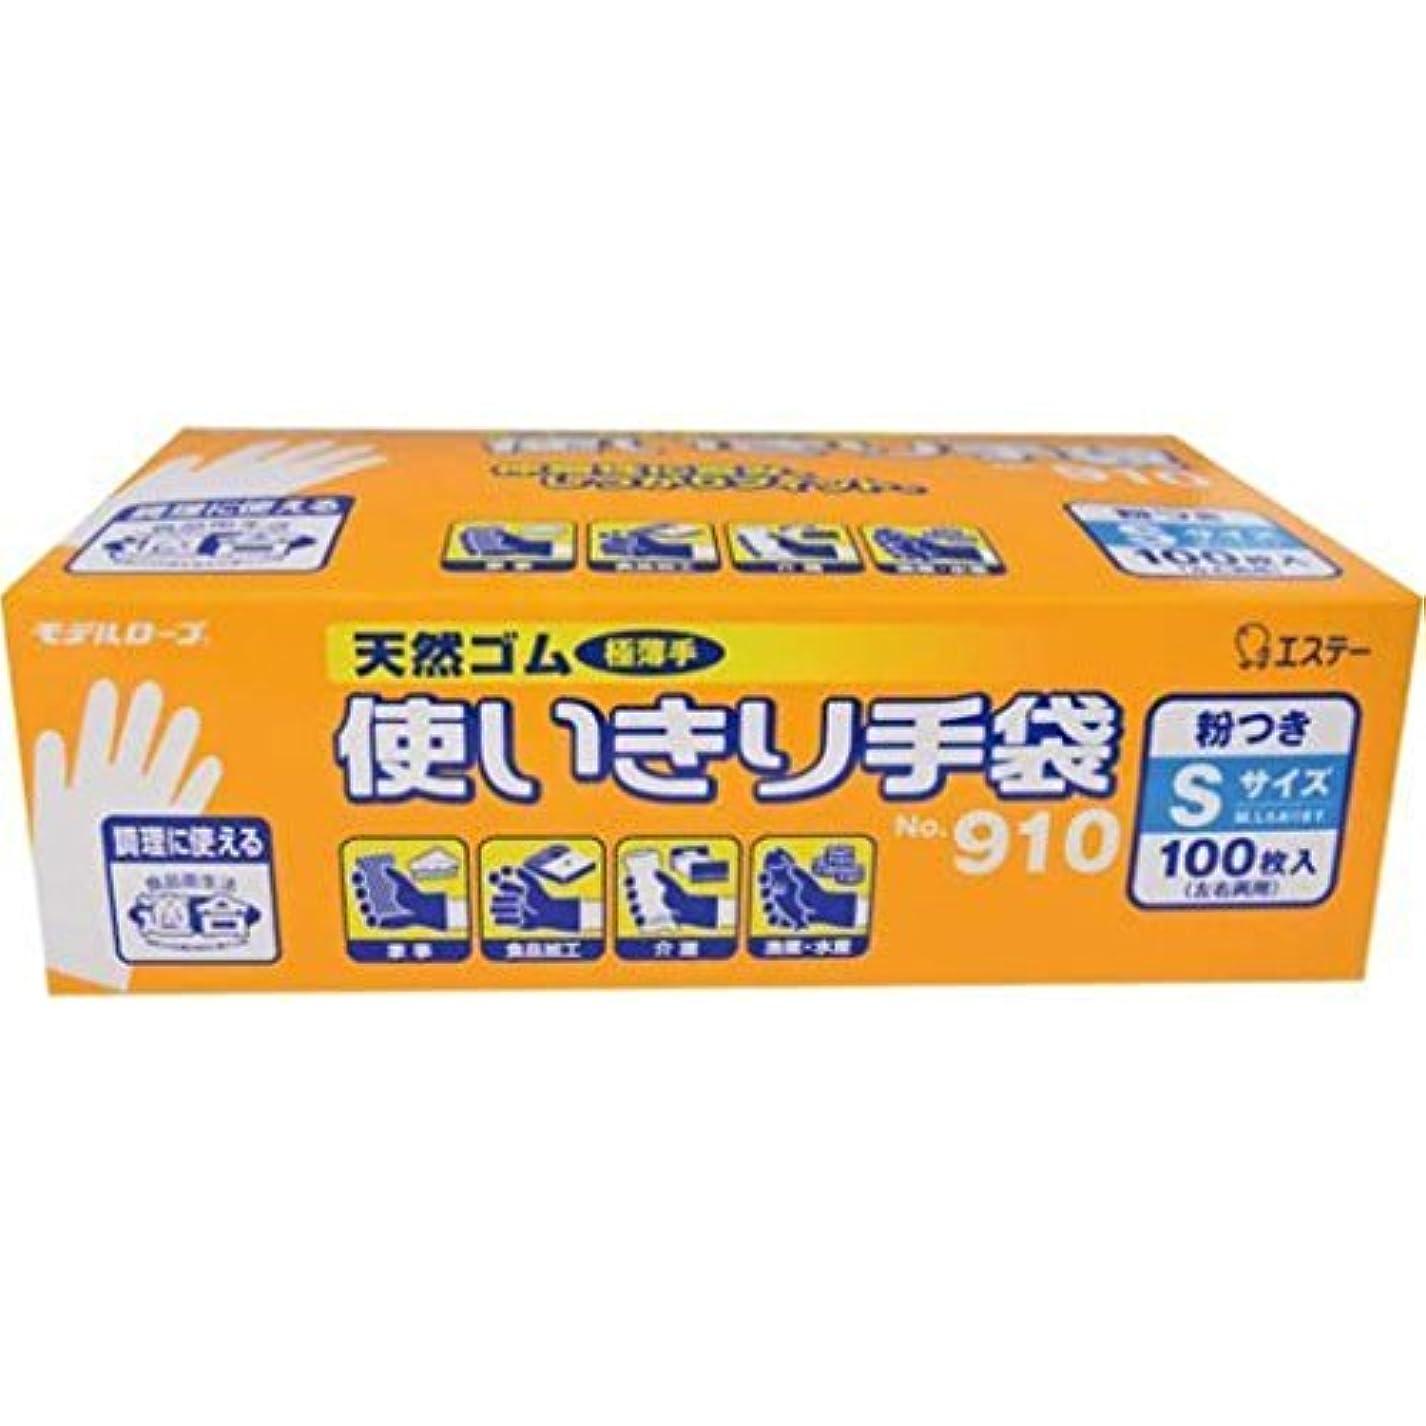 シェードアヒル手順(まとめ買い)エステー 天然ゴム使い切り手袋 No.910 S 【×3セット】